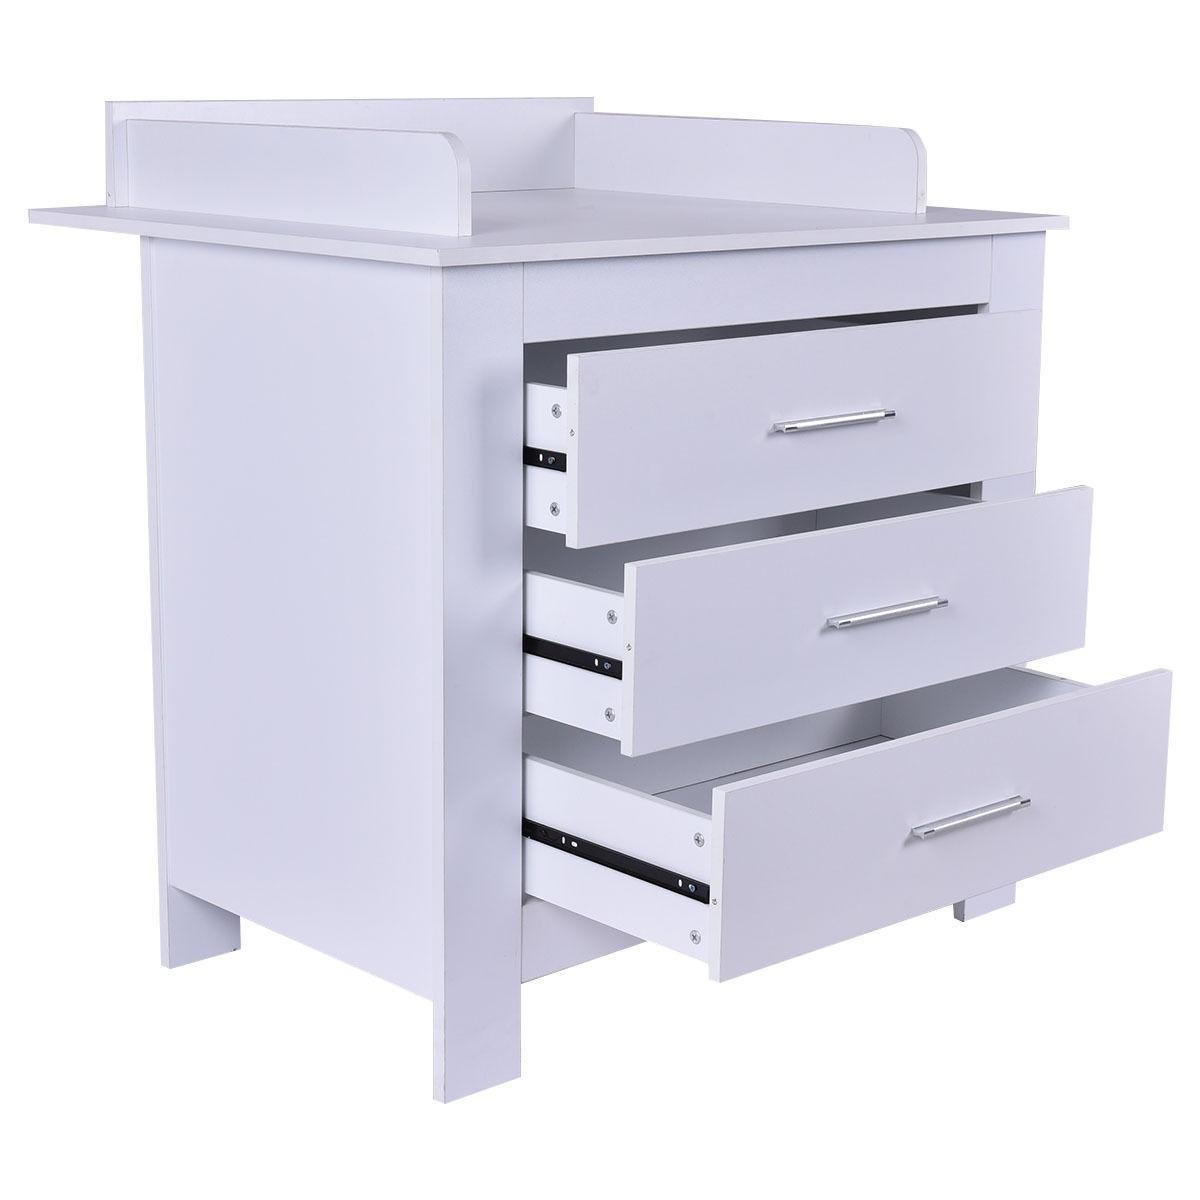 infant baby changing table nursery diaper station dresser storage 3 drawers ebay. Black Bedroom Furniture Sets. Home Design Ideas